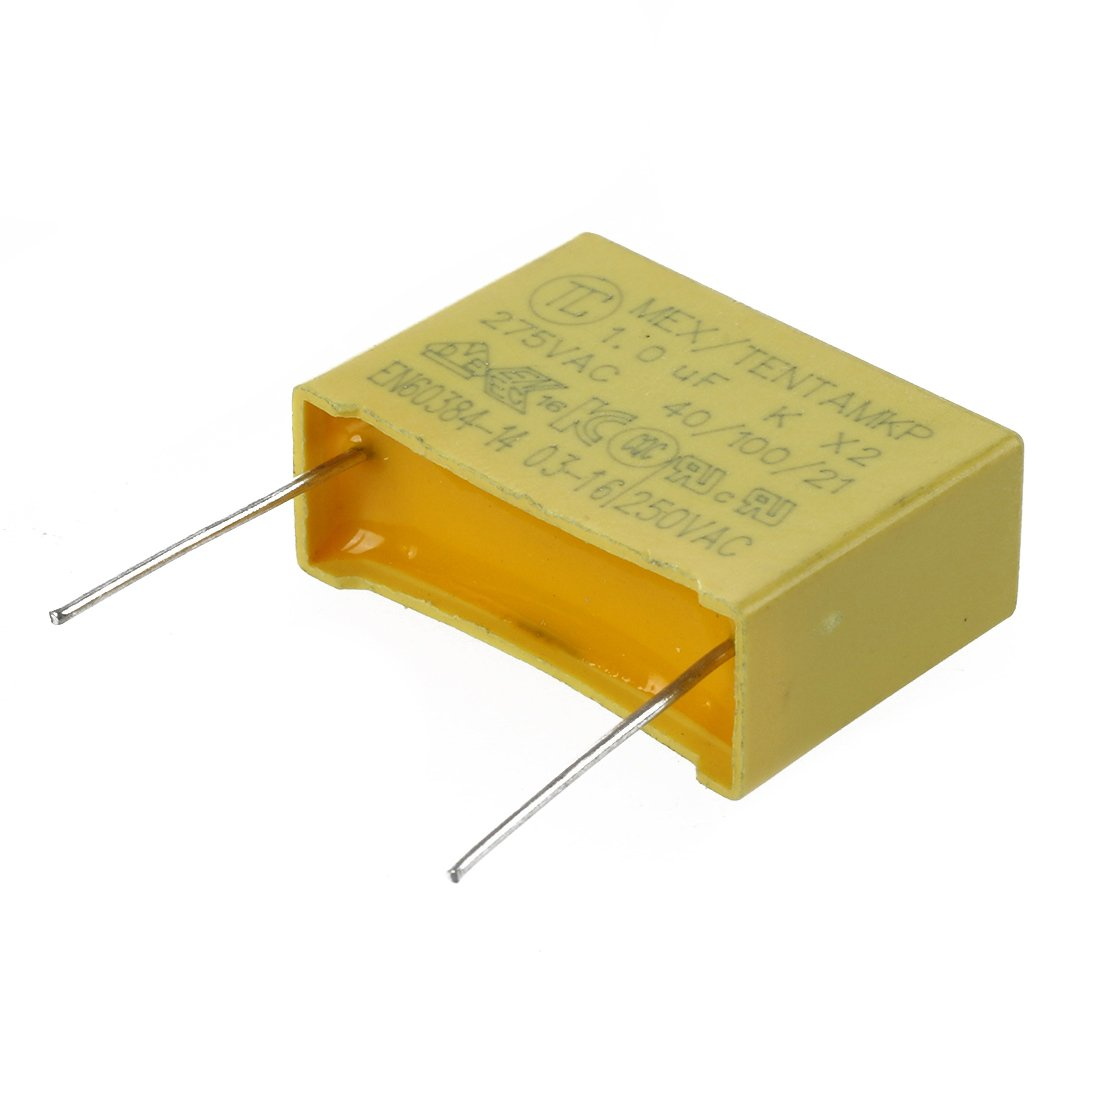 10pzs AC 275V 1uF Condensador de seguridad de pelicula de polipropileno SODIAL Condensador R